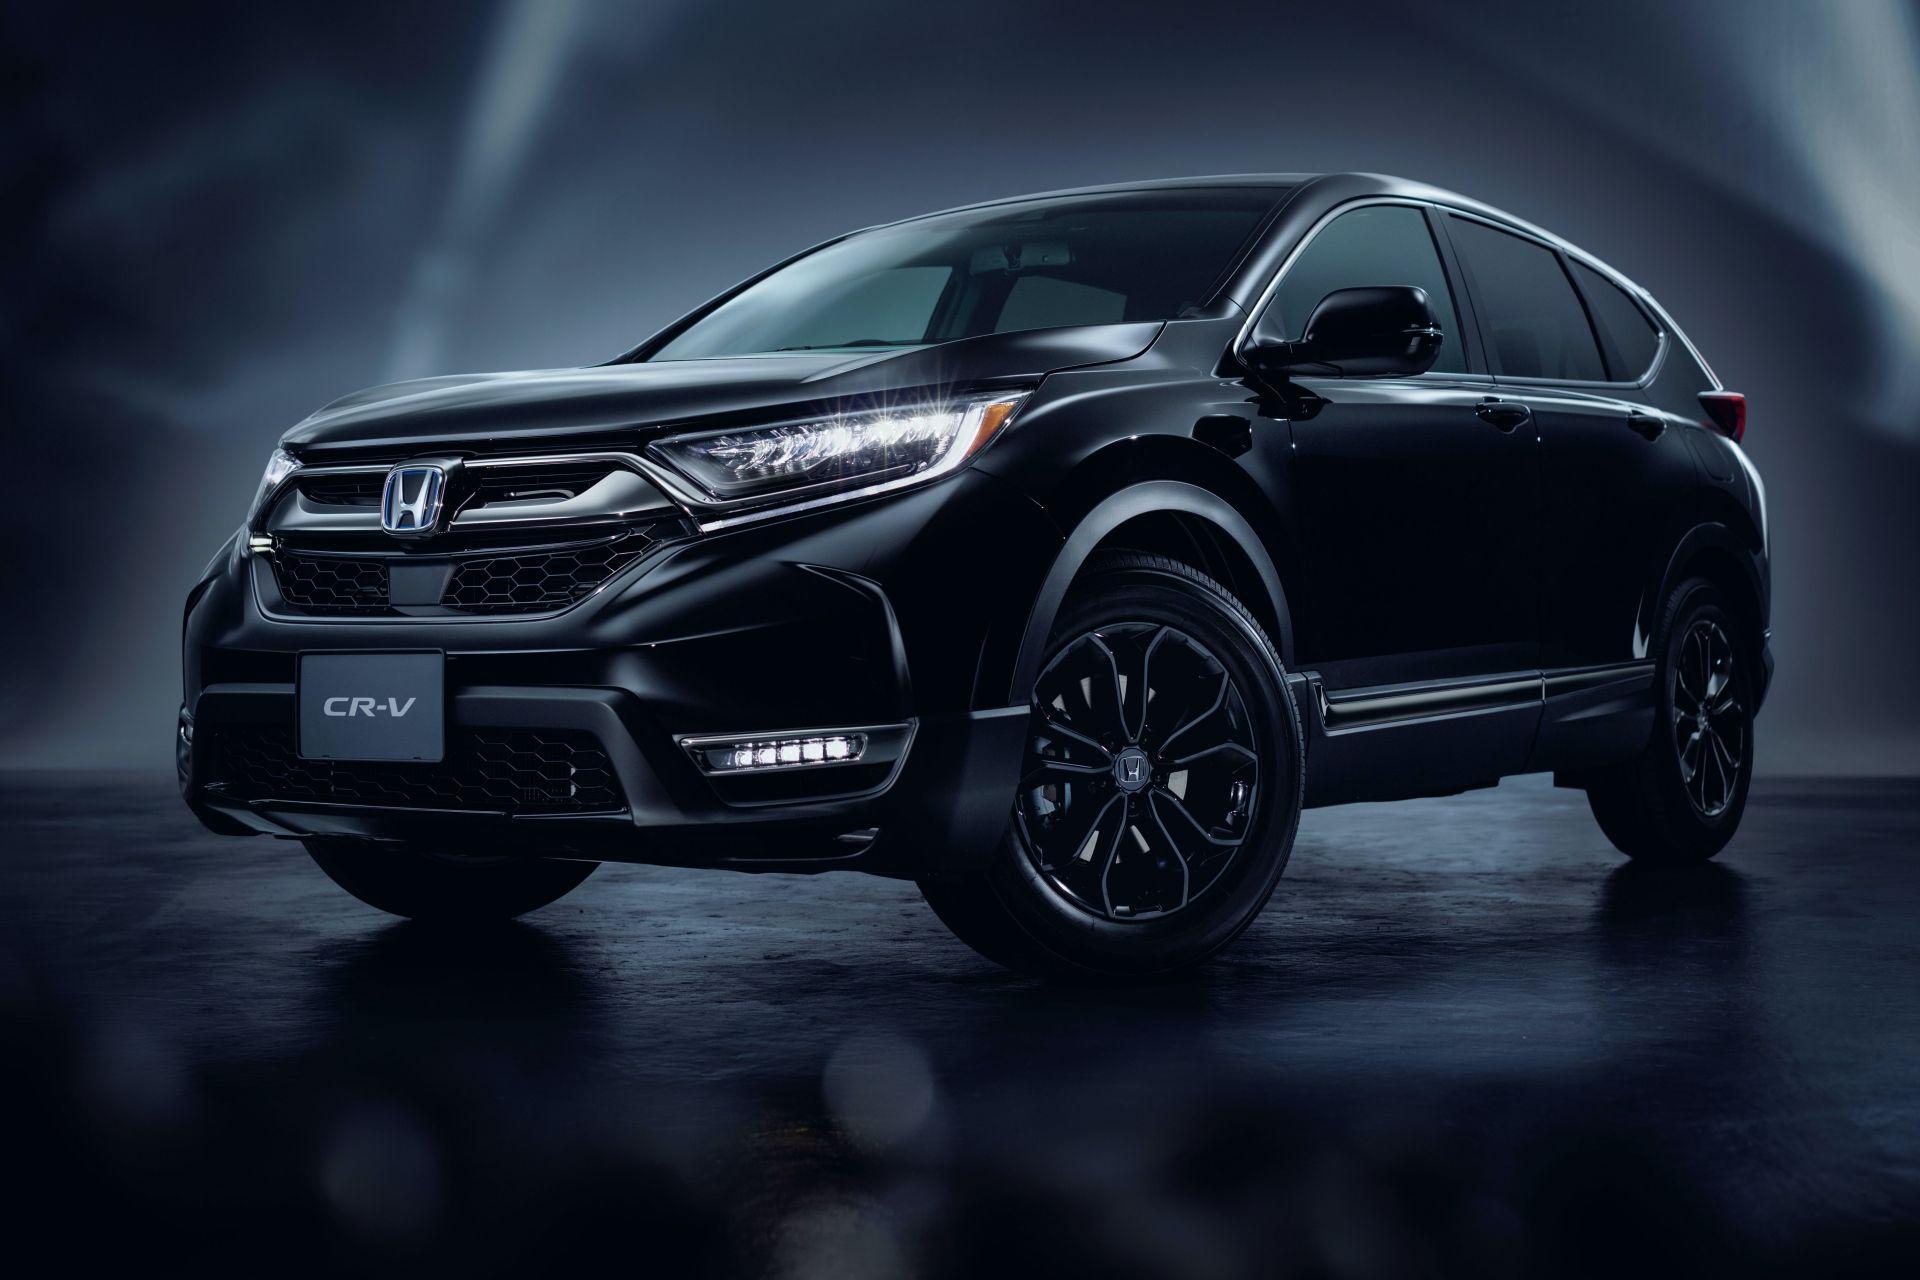 FOTO: Honda predstavila 'CR-V Black Edition'